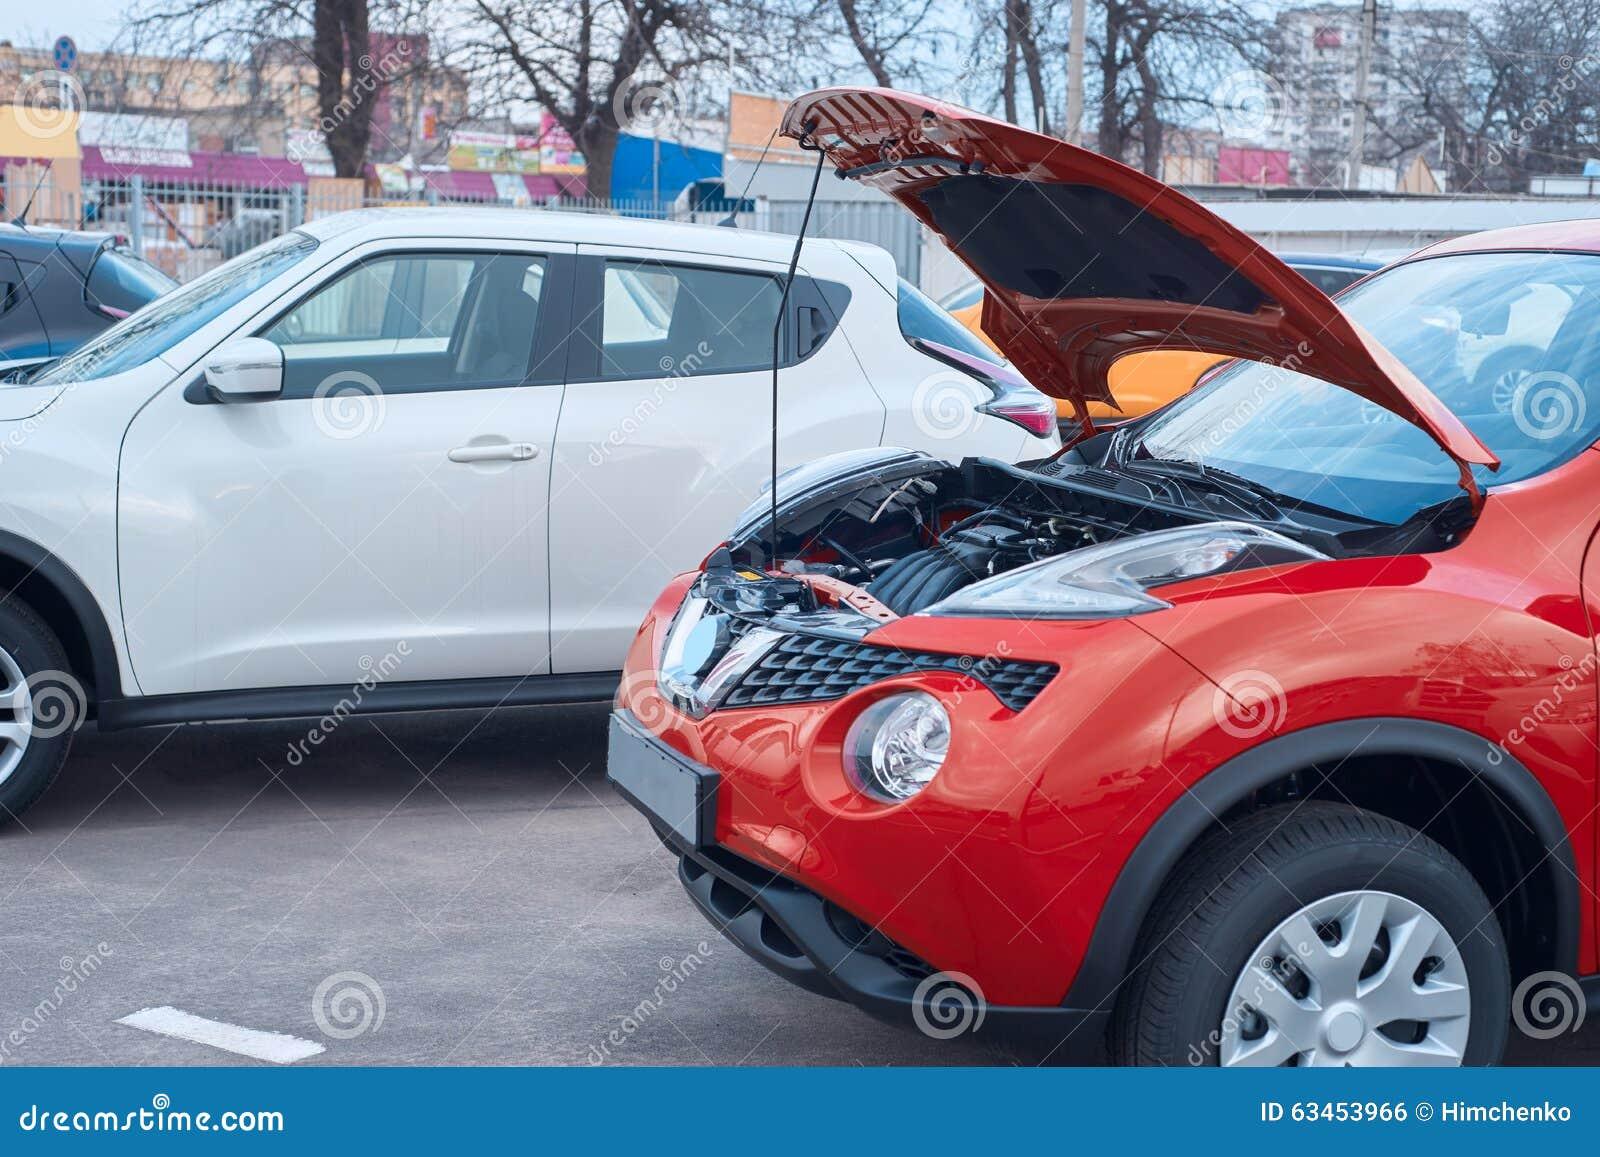 Rode auto met een open kap